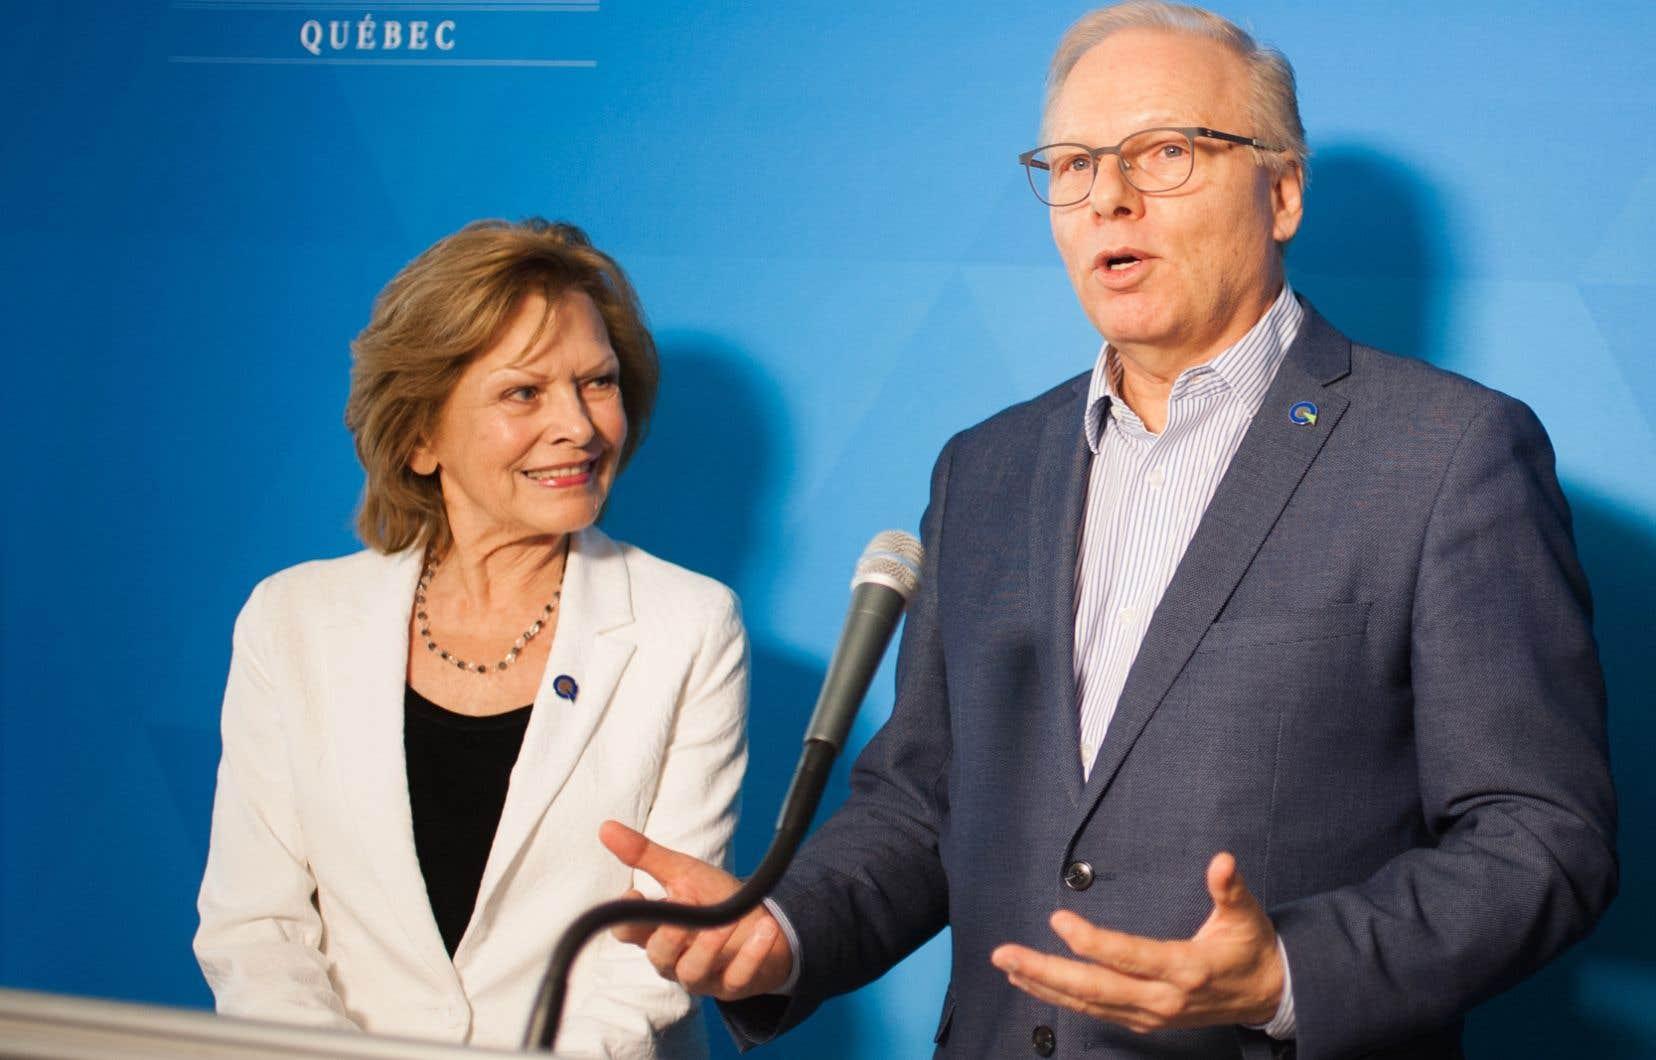 Le retour de Lisette Lapointe au Parti québécois est annonciateur de la réintroduction de l'indépendance au premier plan du programme péquiste, croit l'auteur.